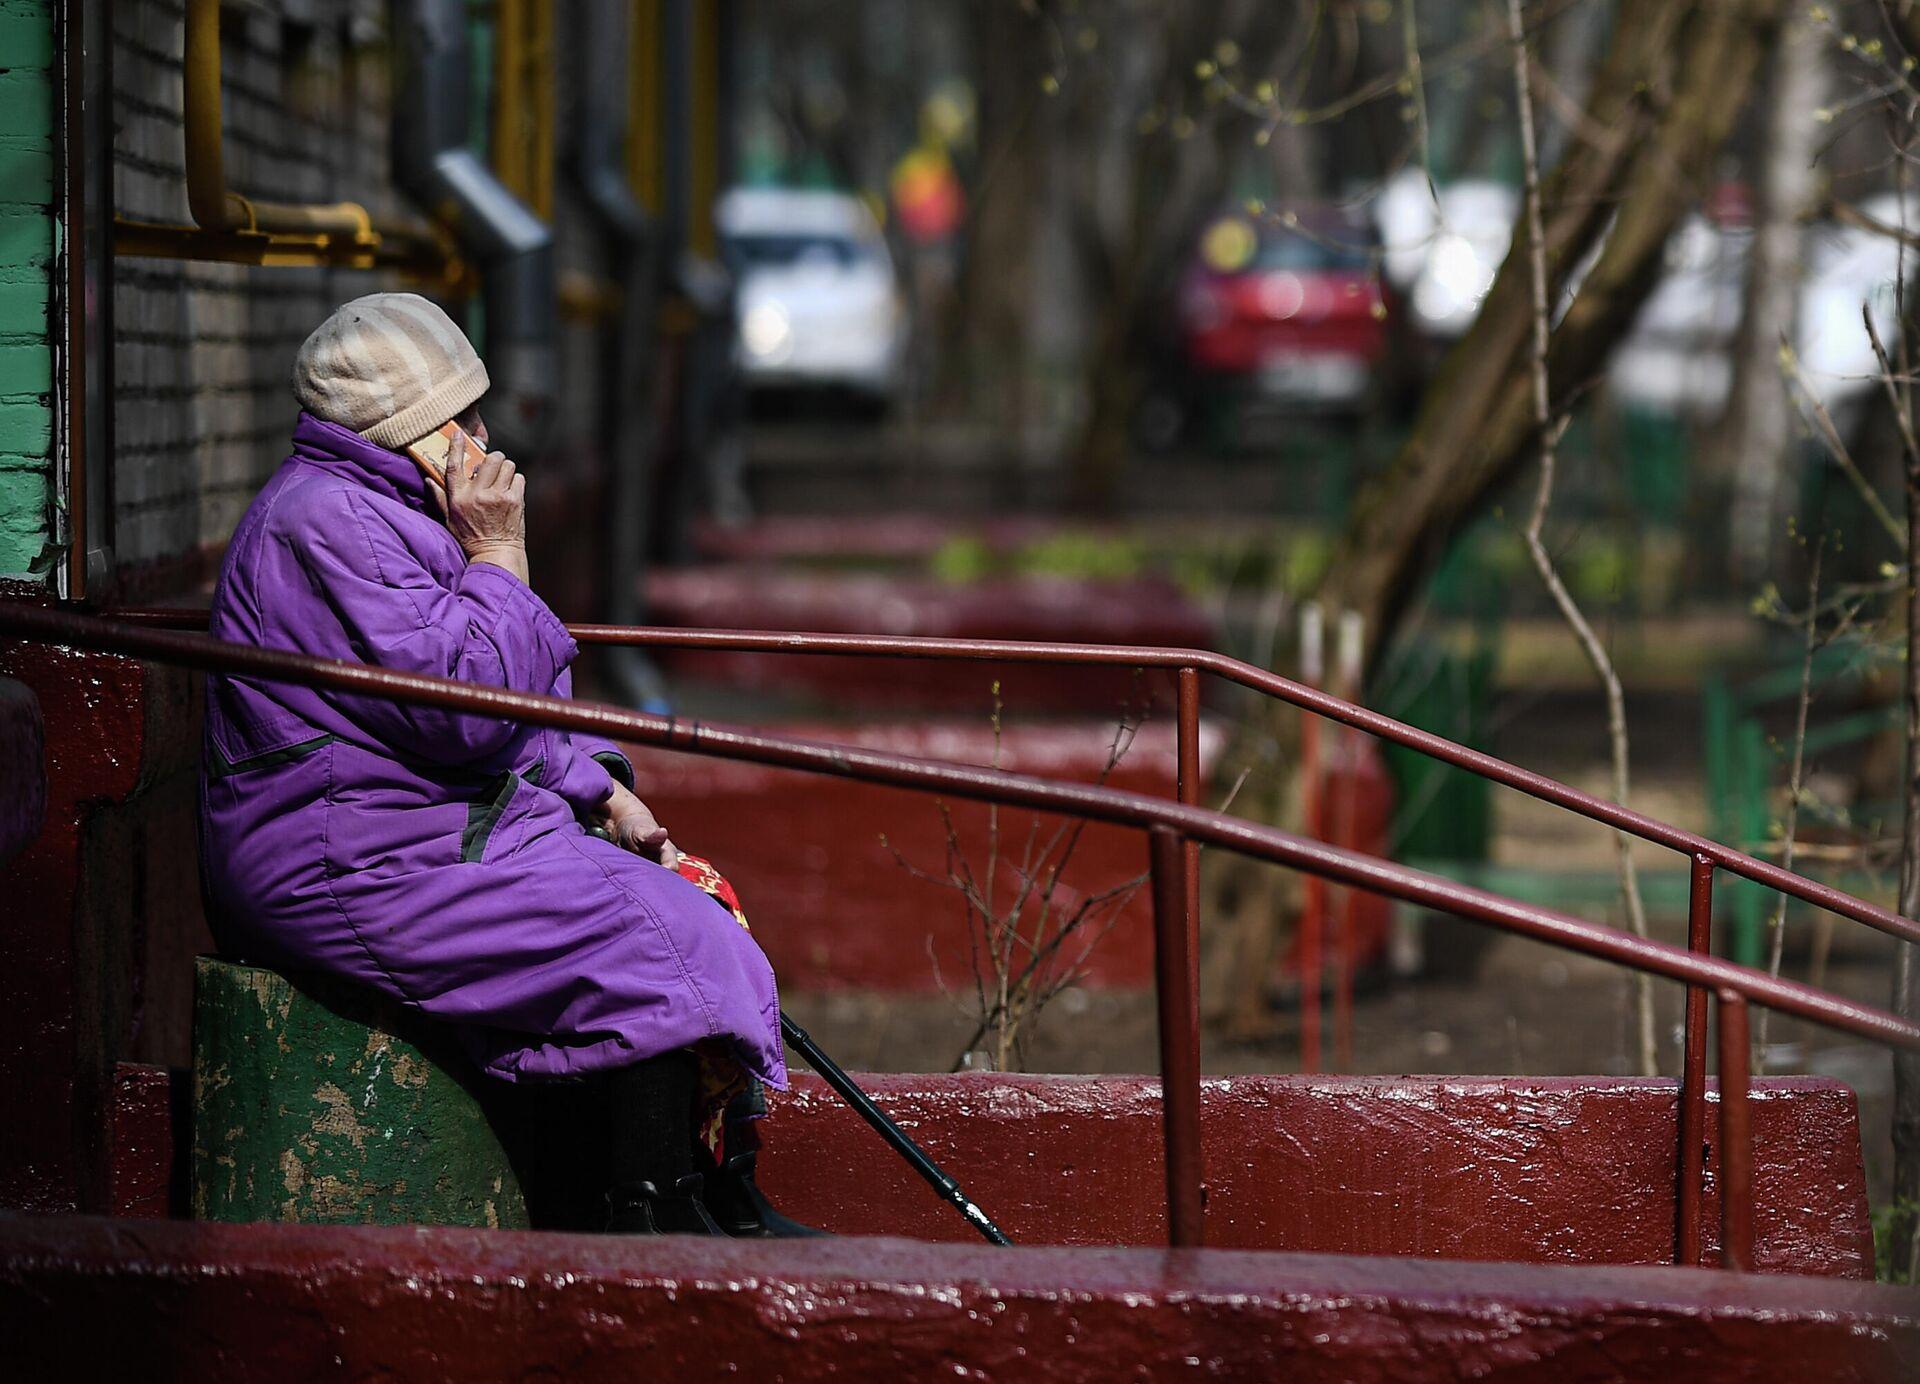 Пожилая женщина разговаривает по мобильному телефону у подъезда своего дома - РИА Новости, 1920, 08.09.2021